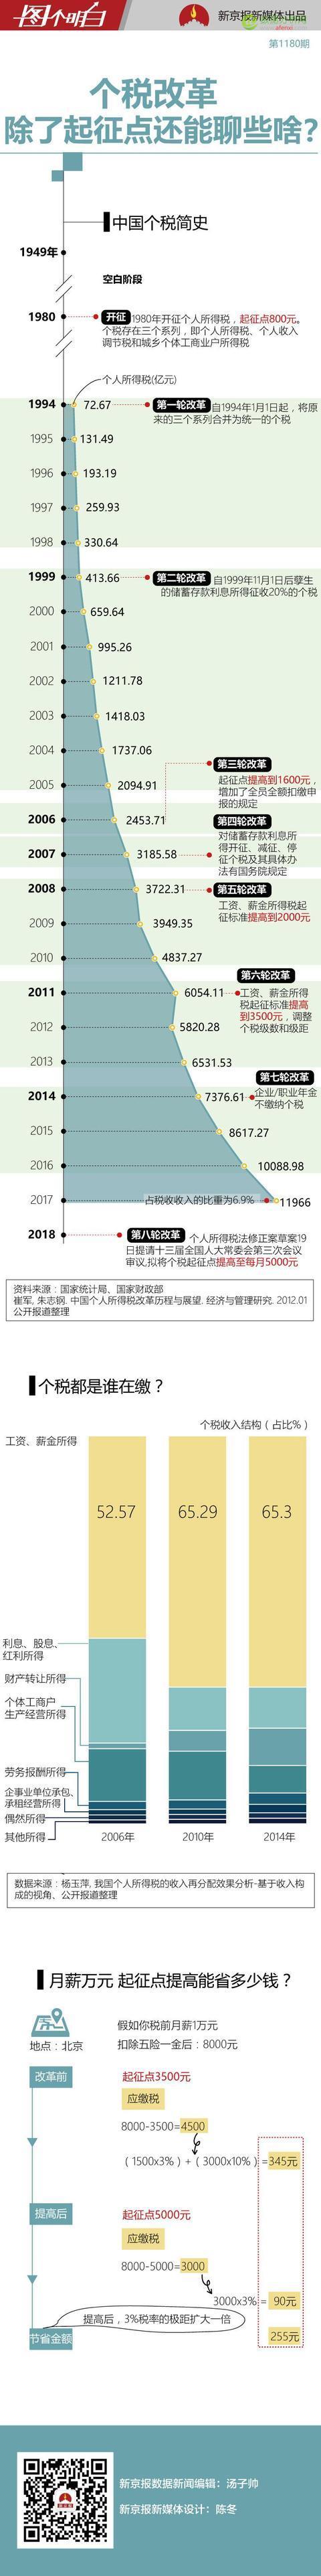 个税起征点拟提至每月5000元 月薪万元能省多少钱?